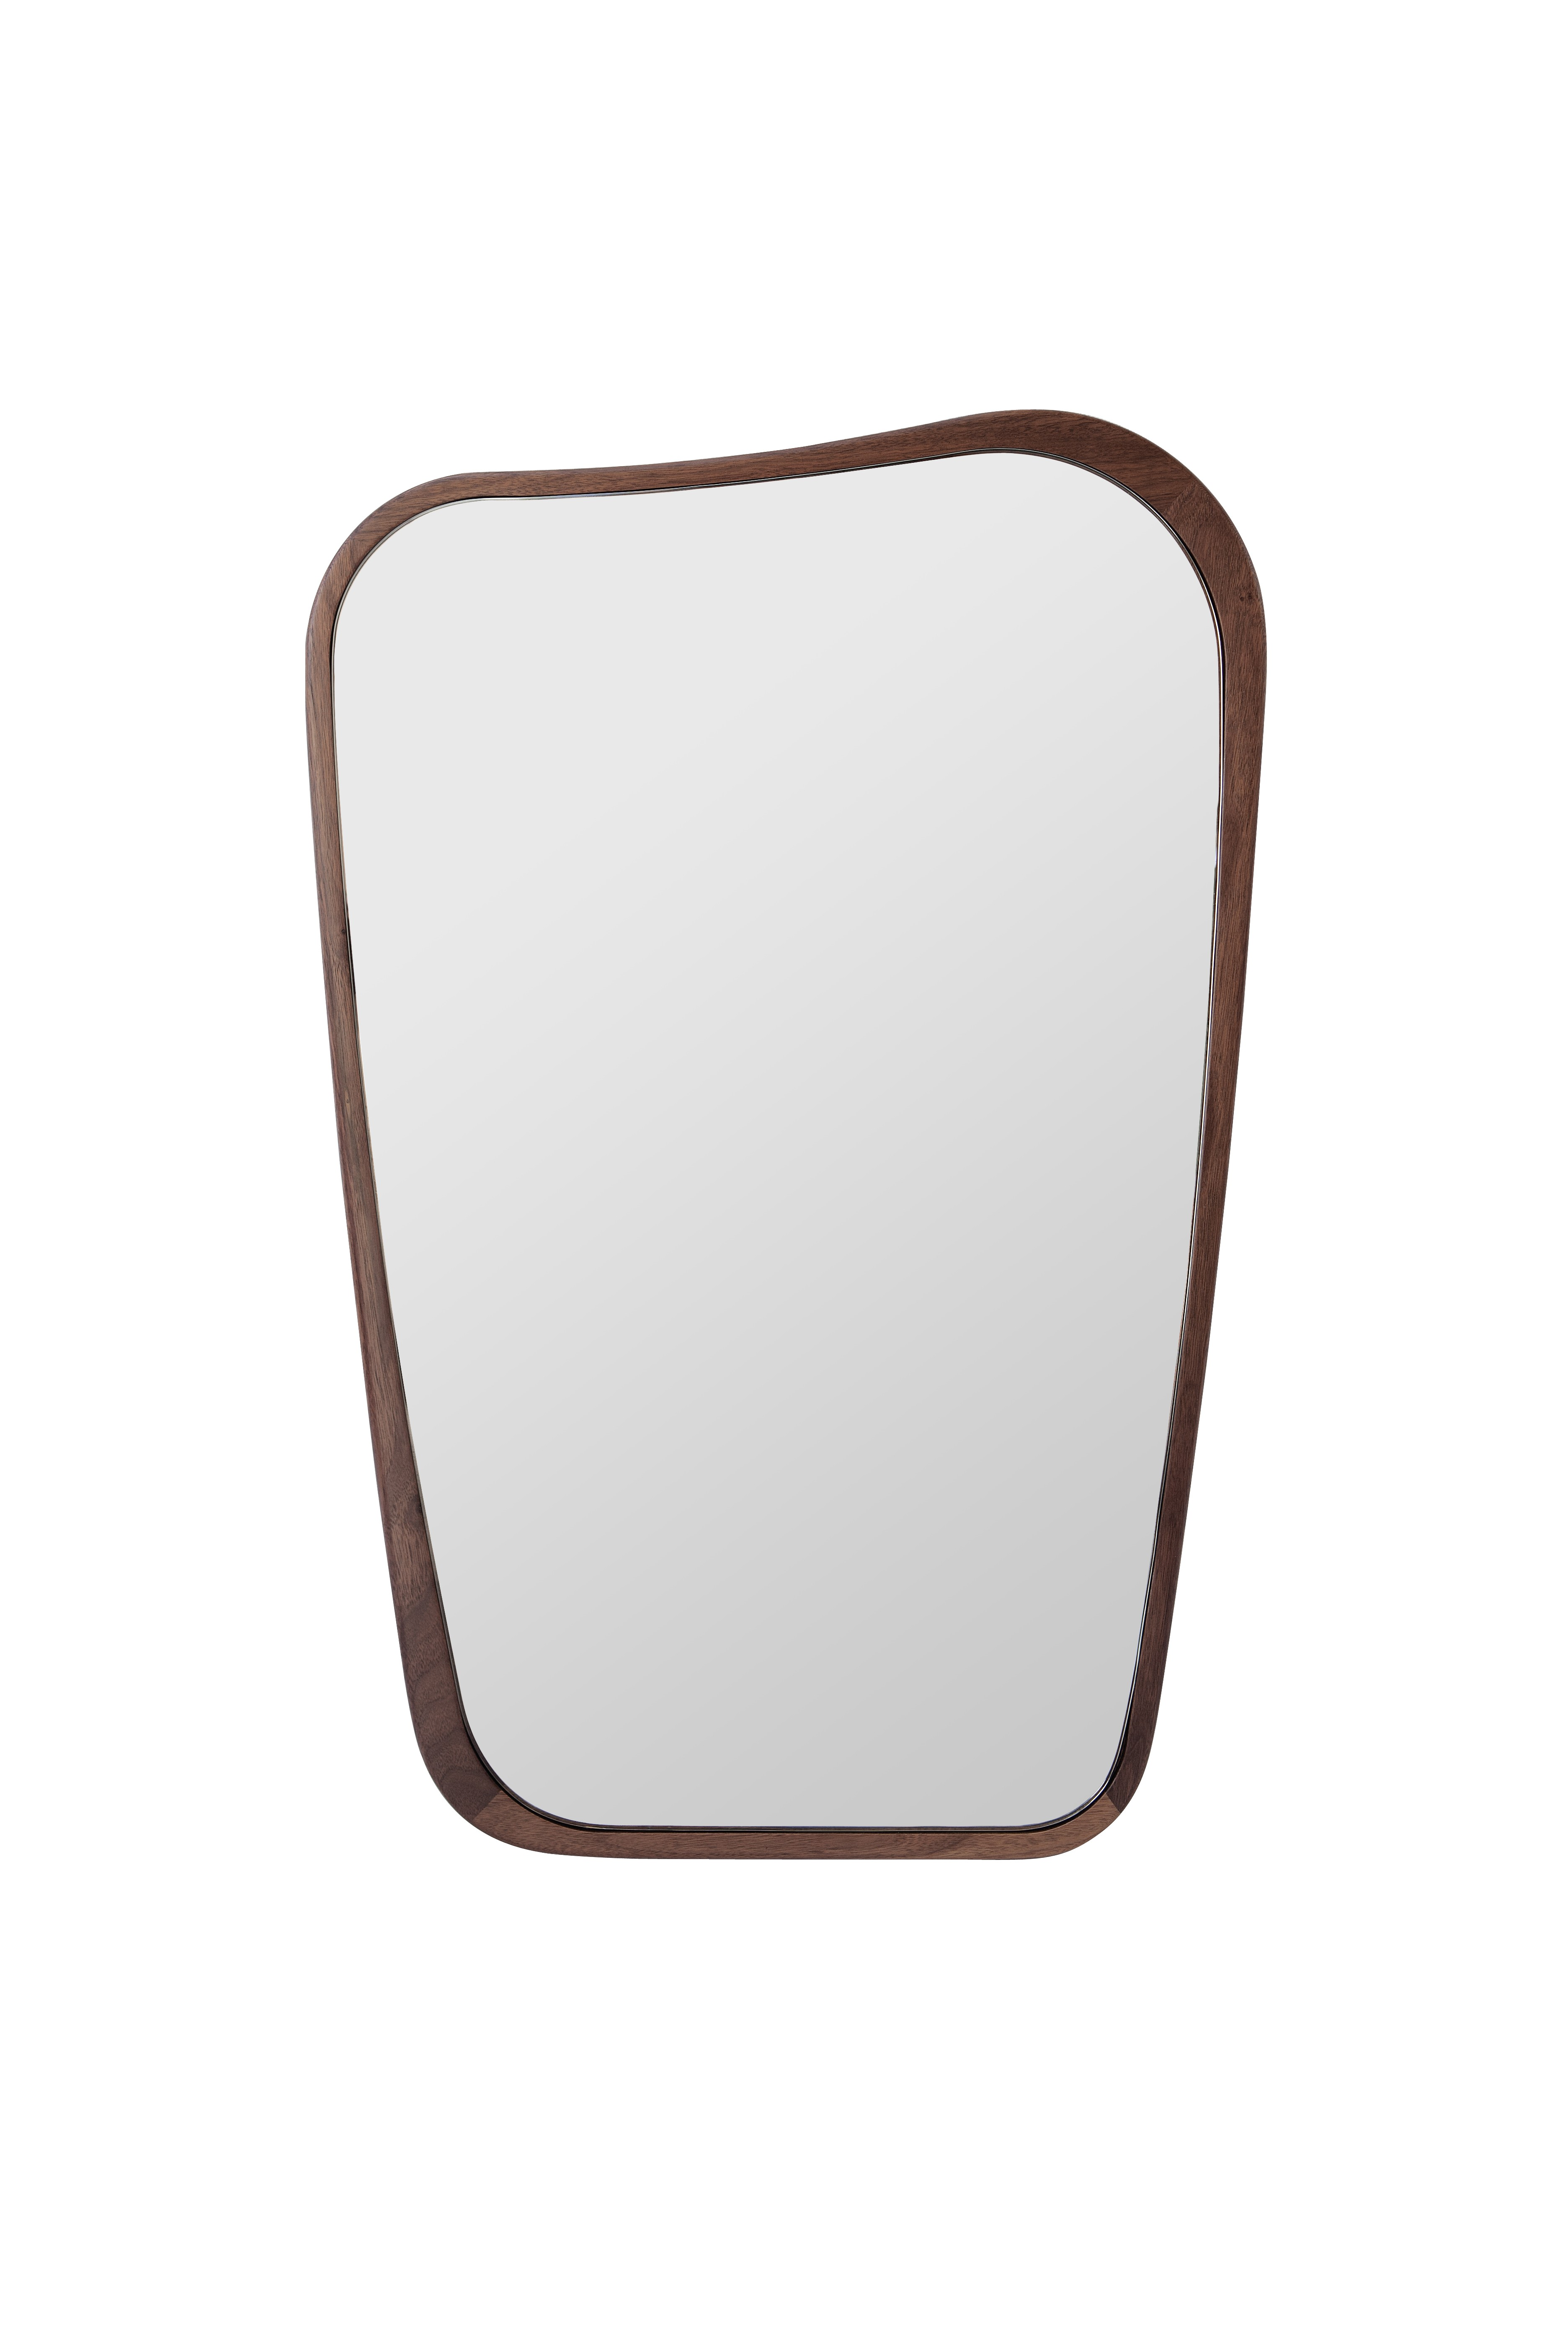 Miroir organique de sarah lavoine 50 x 75 noyer for Miroir 50 x 75